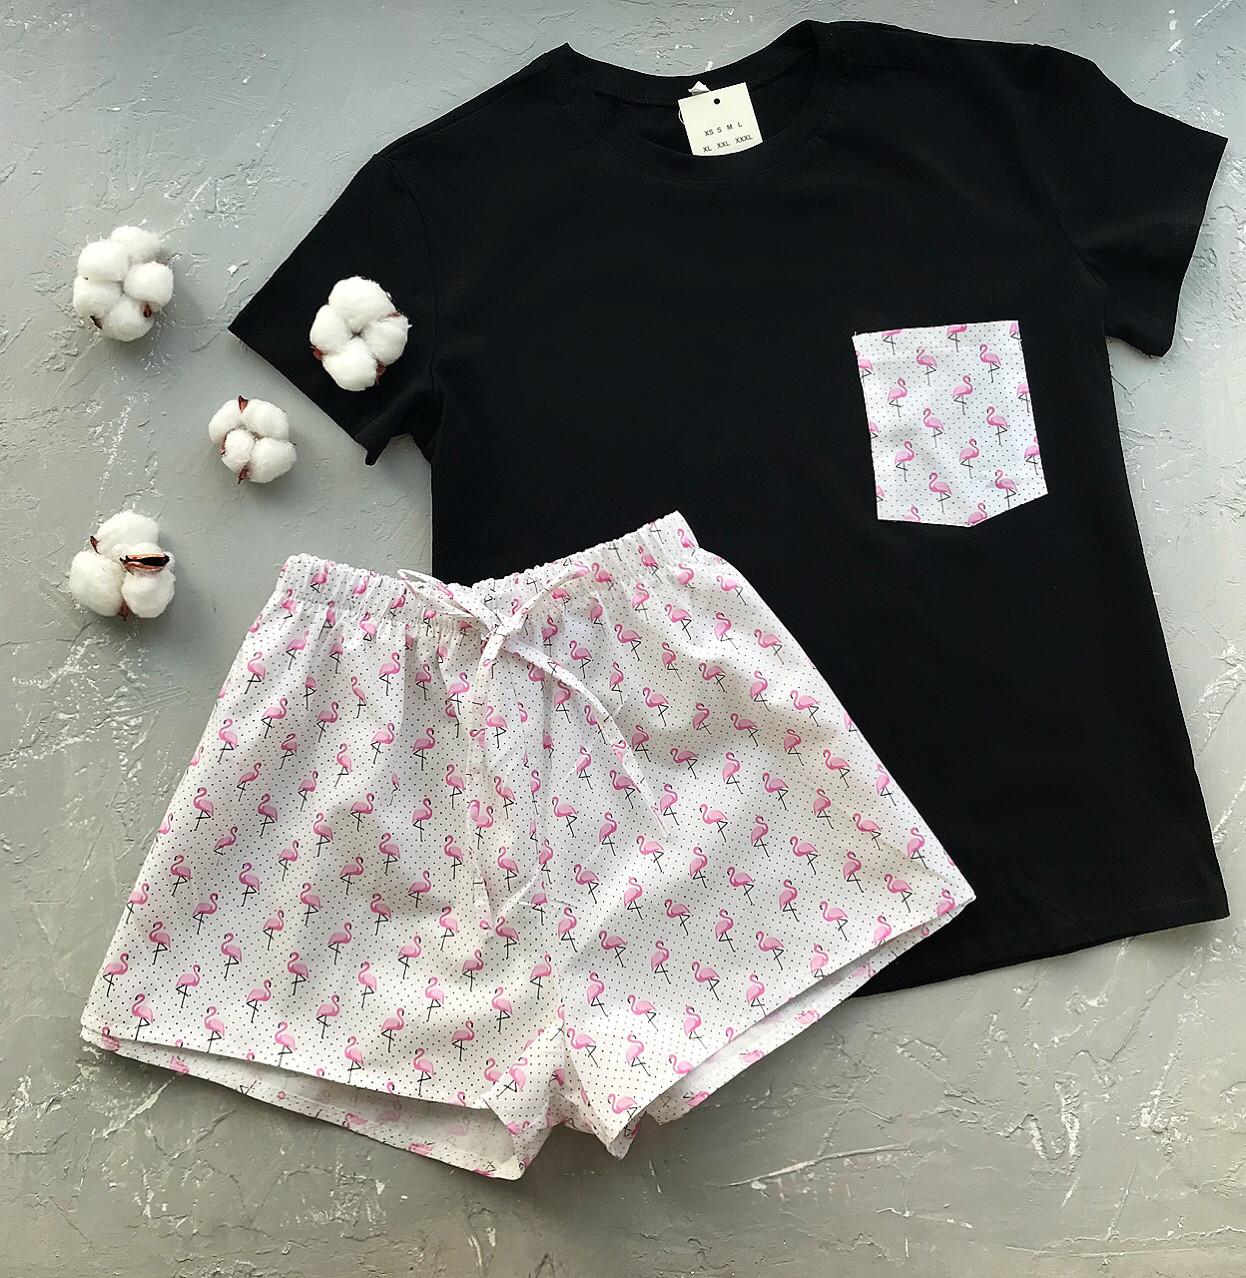 Пижама футболка и шорты S-M фламинго